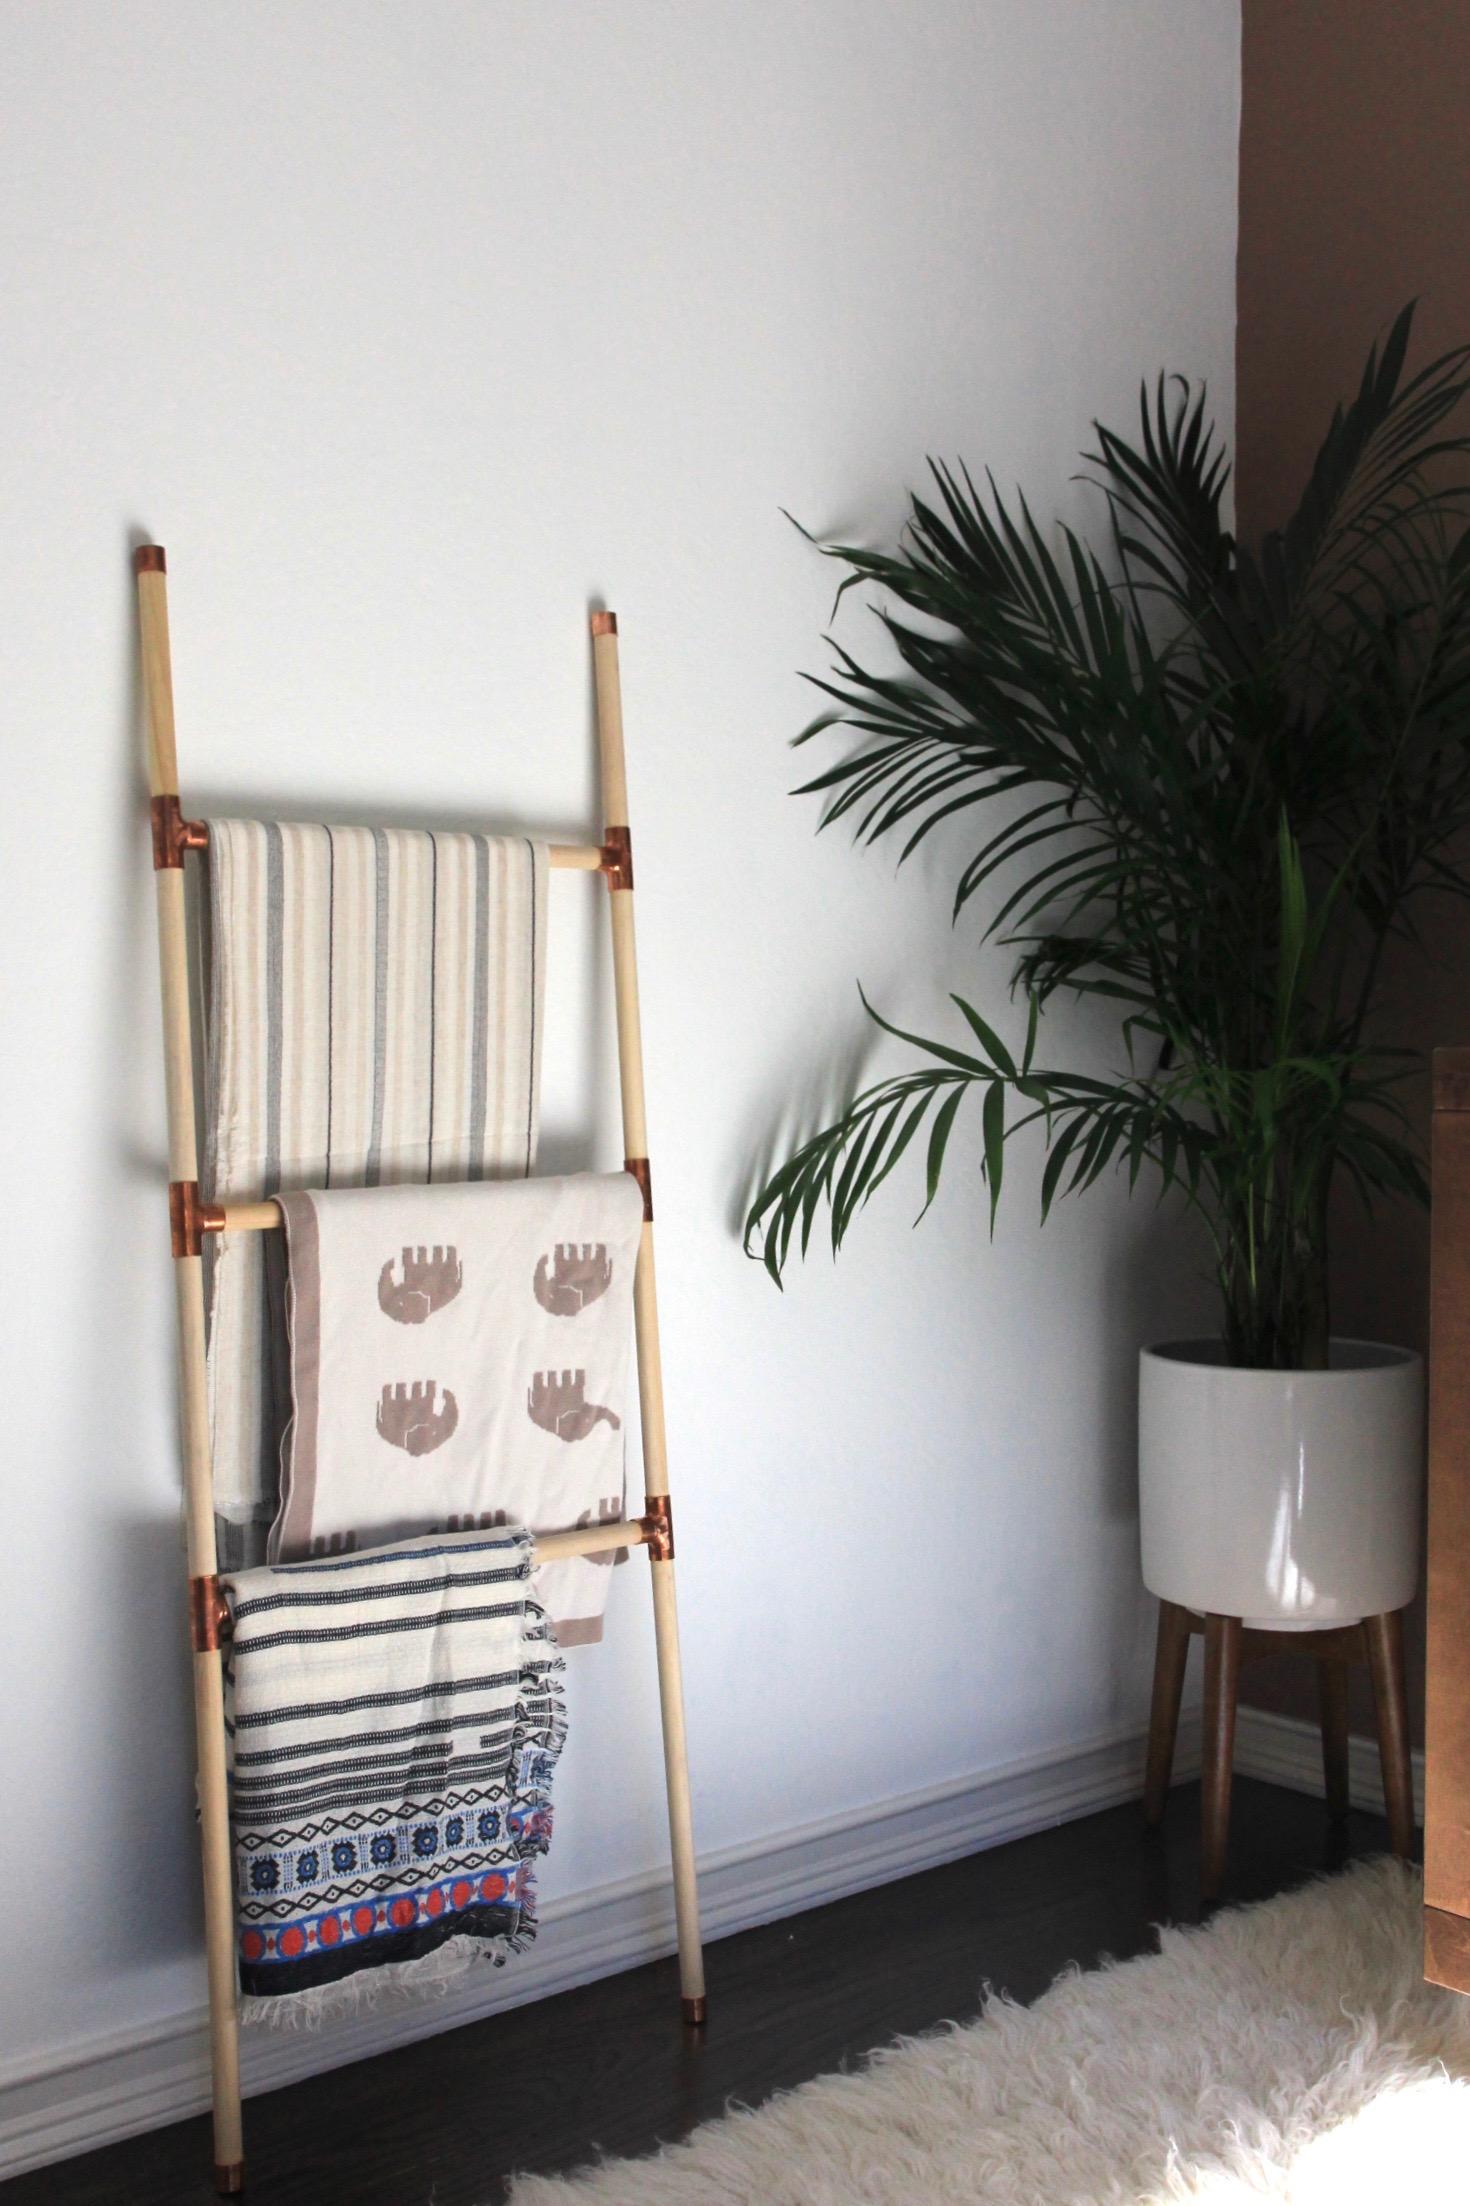 DIY blanket ladder, west elm planter